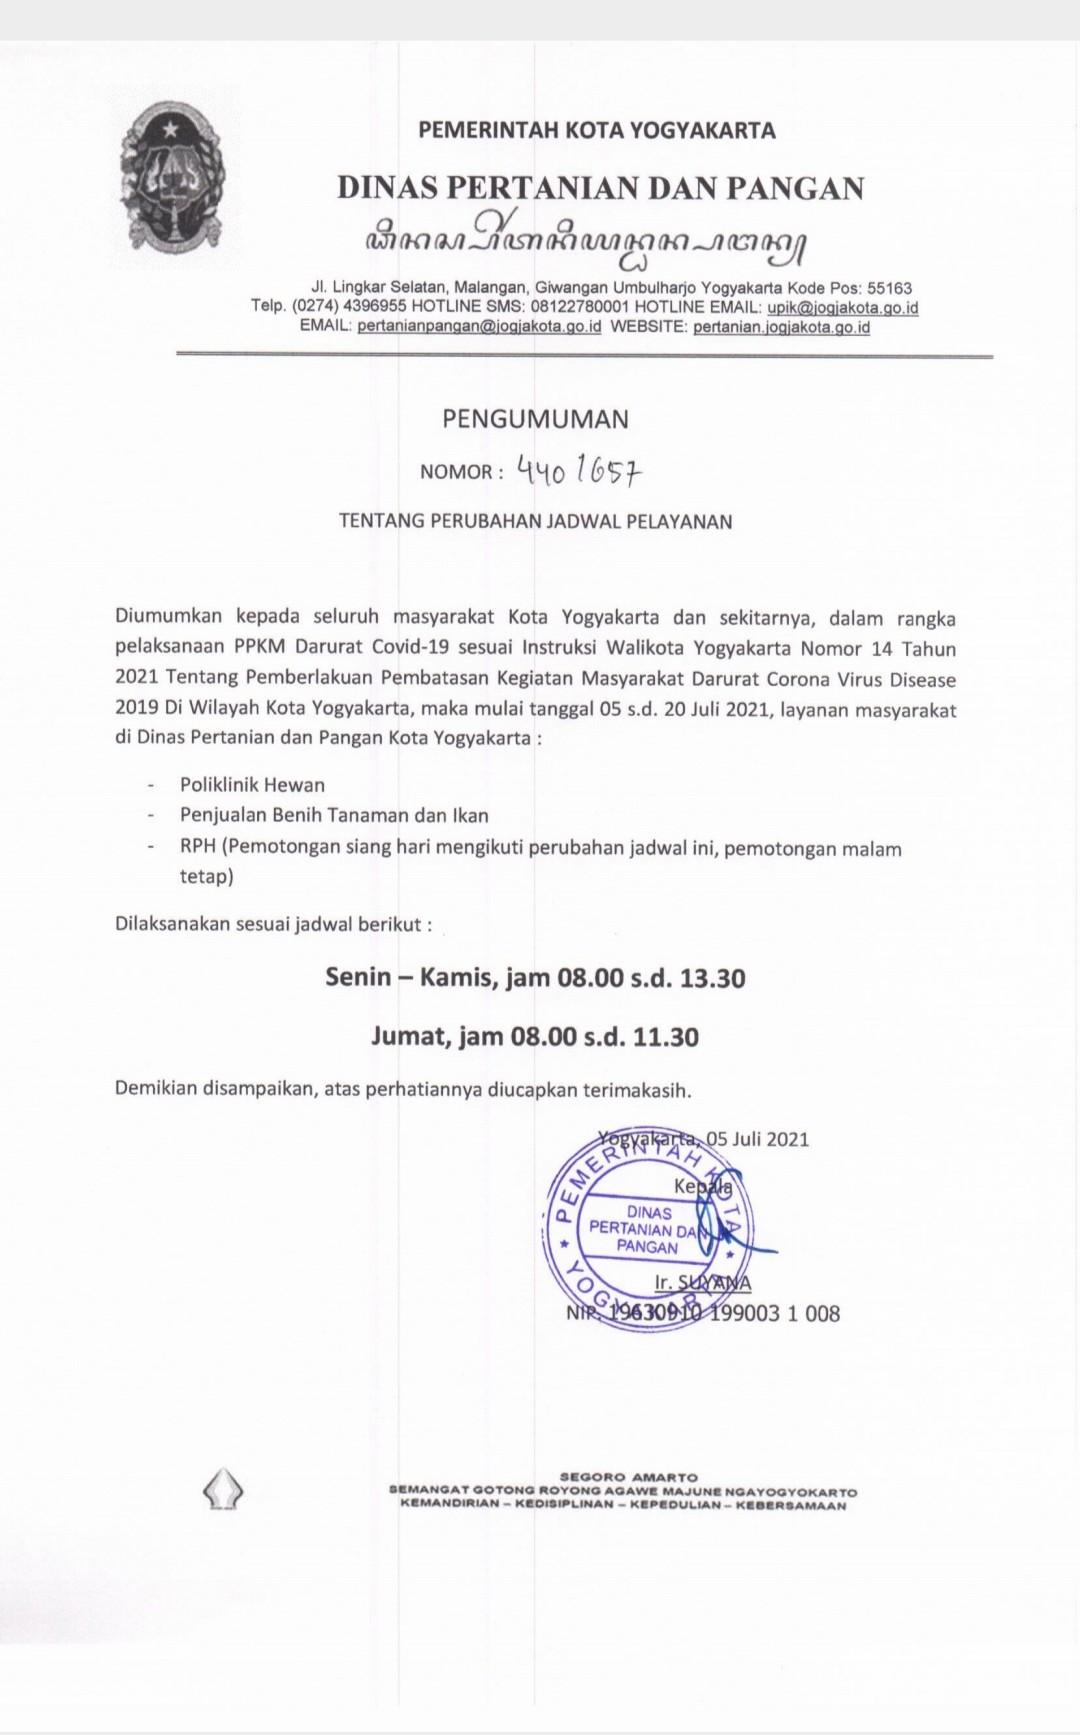 Perubahan Jadwal Pelayanan Selama PPKM Darurat Covid-19